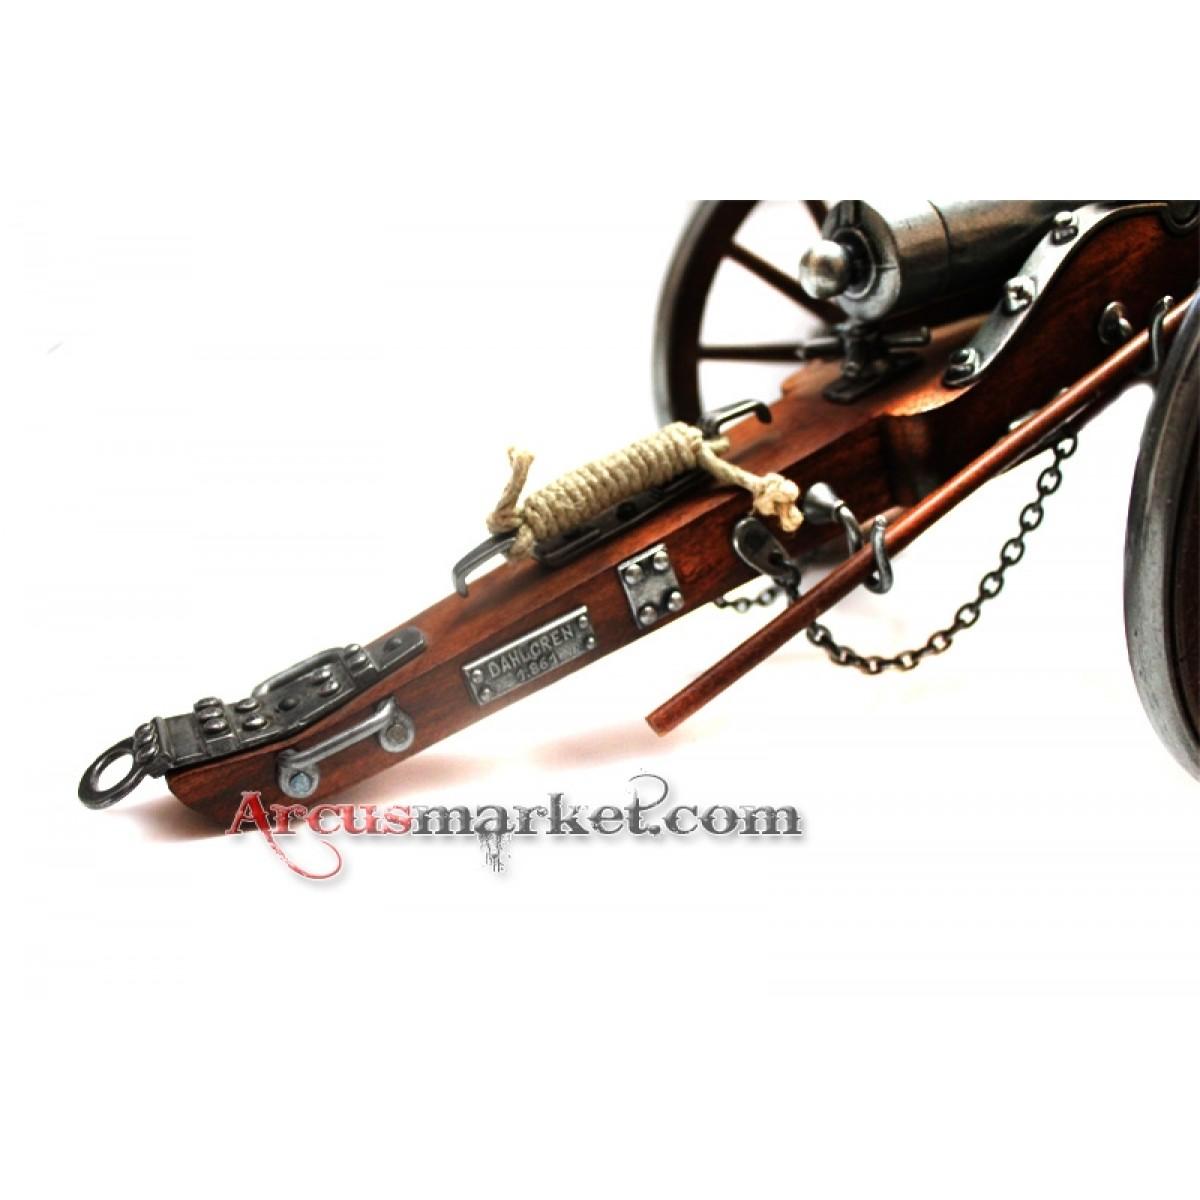 Пушка артиллерийская.Гражданская война 1861 год, США, 38 см.